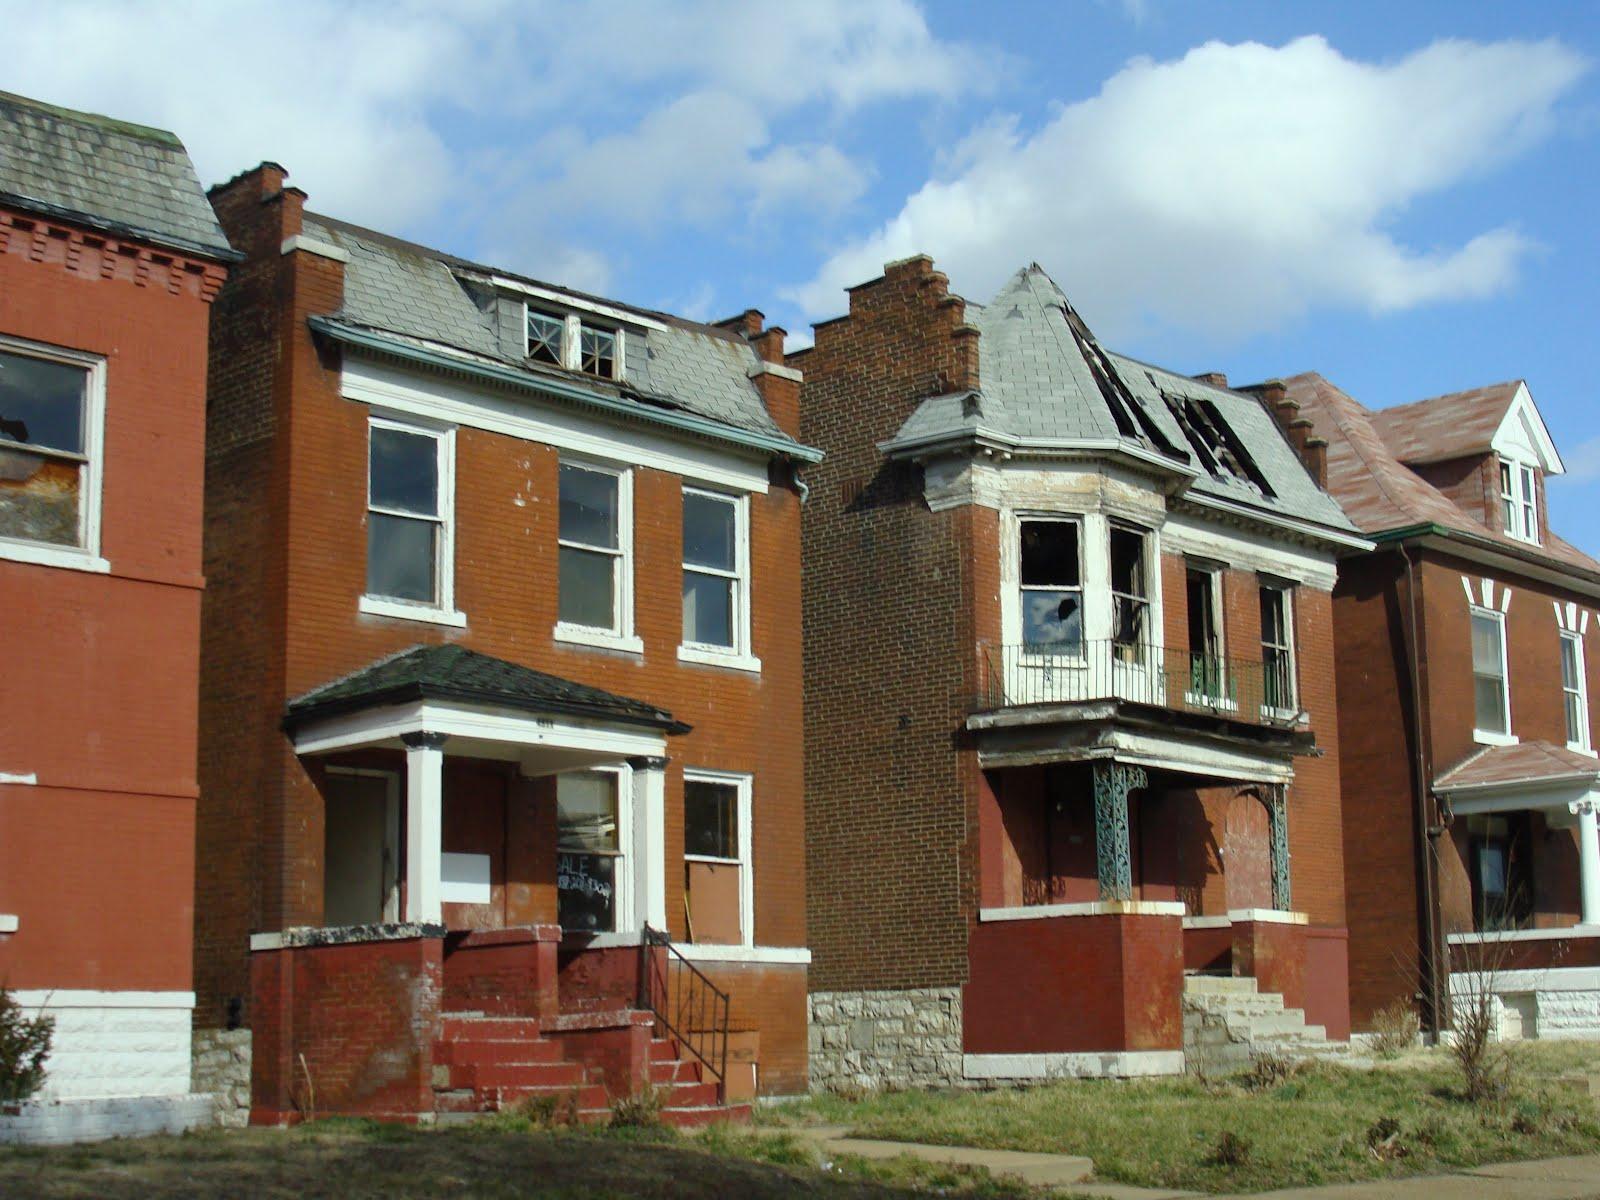 The Ville #2 – St Louis Patina